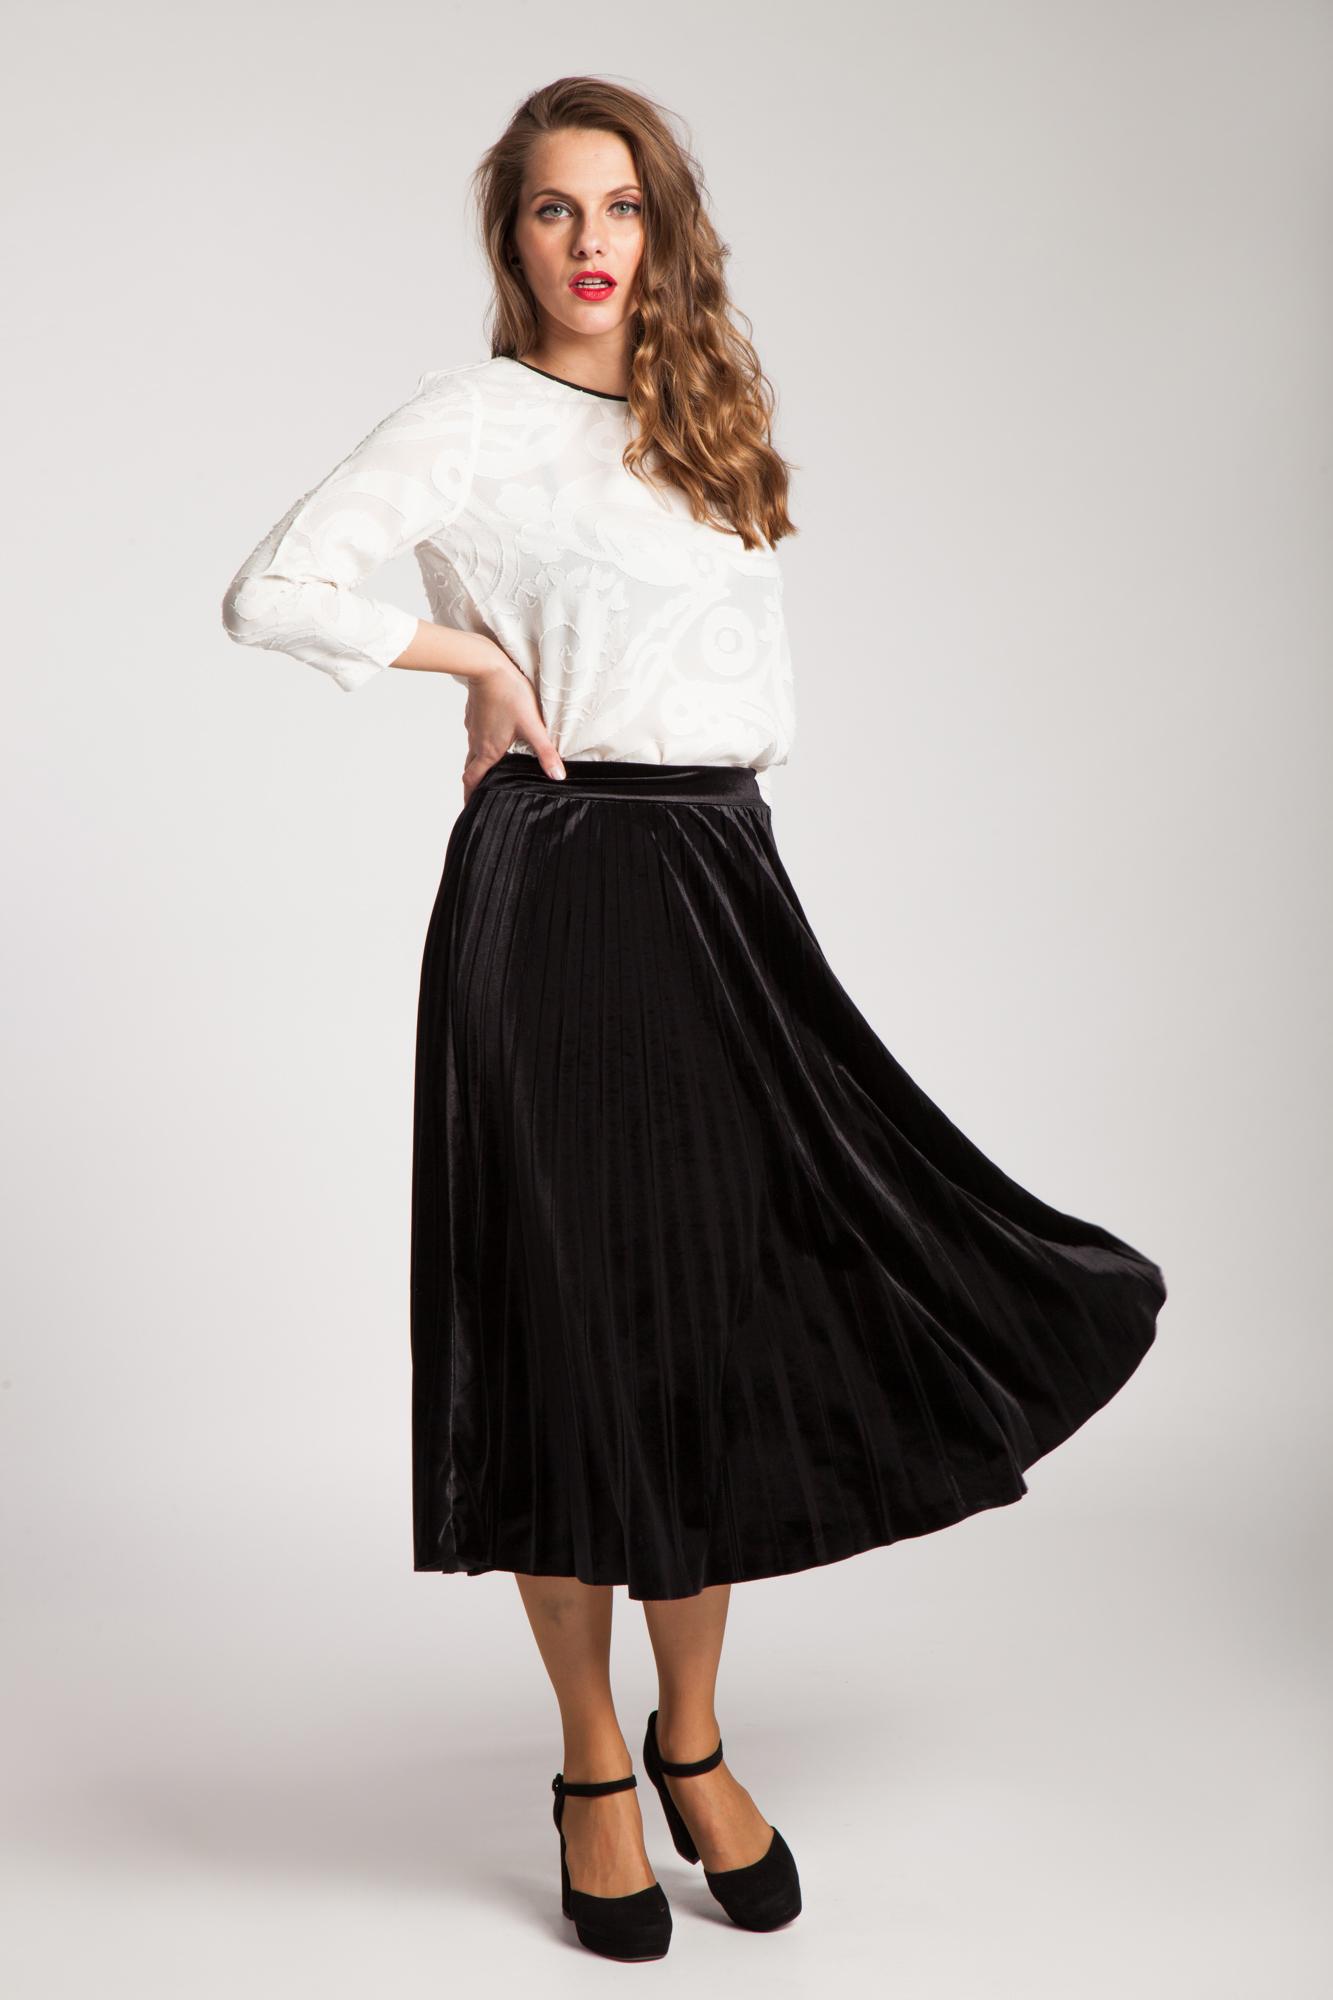 Fusta neagra plisata din catifea este o fusta moderna, eleganta ce poate fi purtata in mai multe ocazii in functie de cum este accesorizata. Poart-o cu o bluza eleganta si pantofii cu toc pentru o tinuta cocktail-chic, sau accesorizeaz-o cu o pereche de pantofi sport, o 1/5.